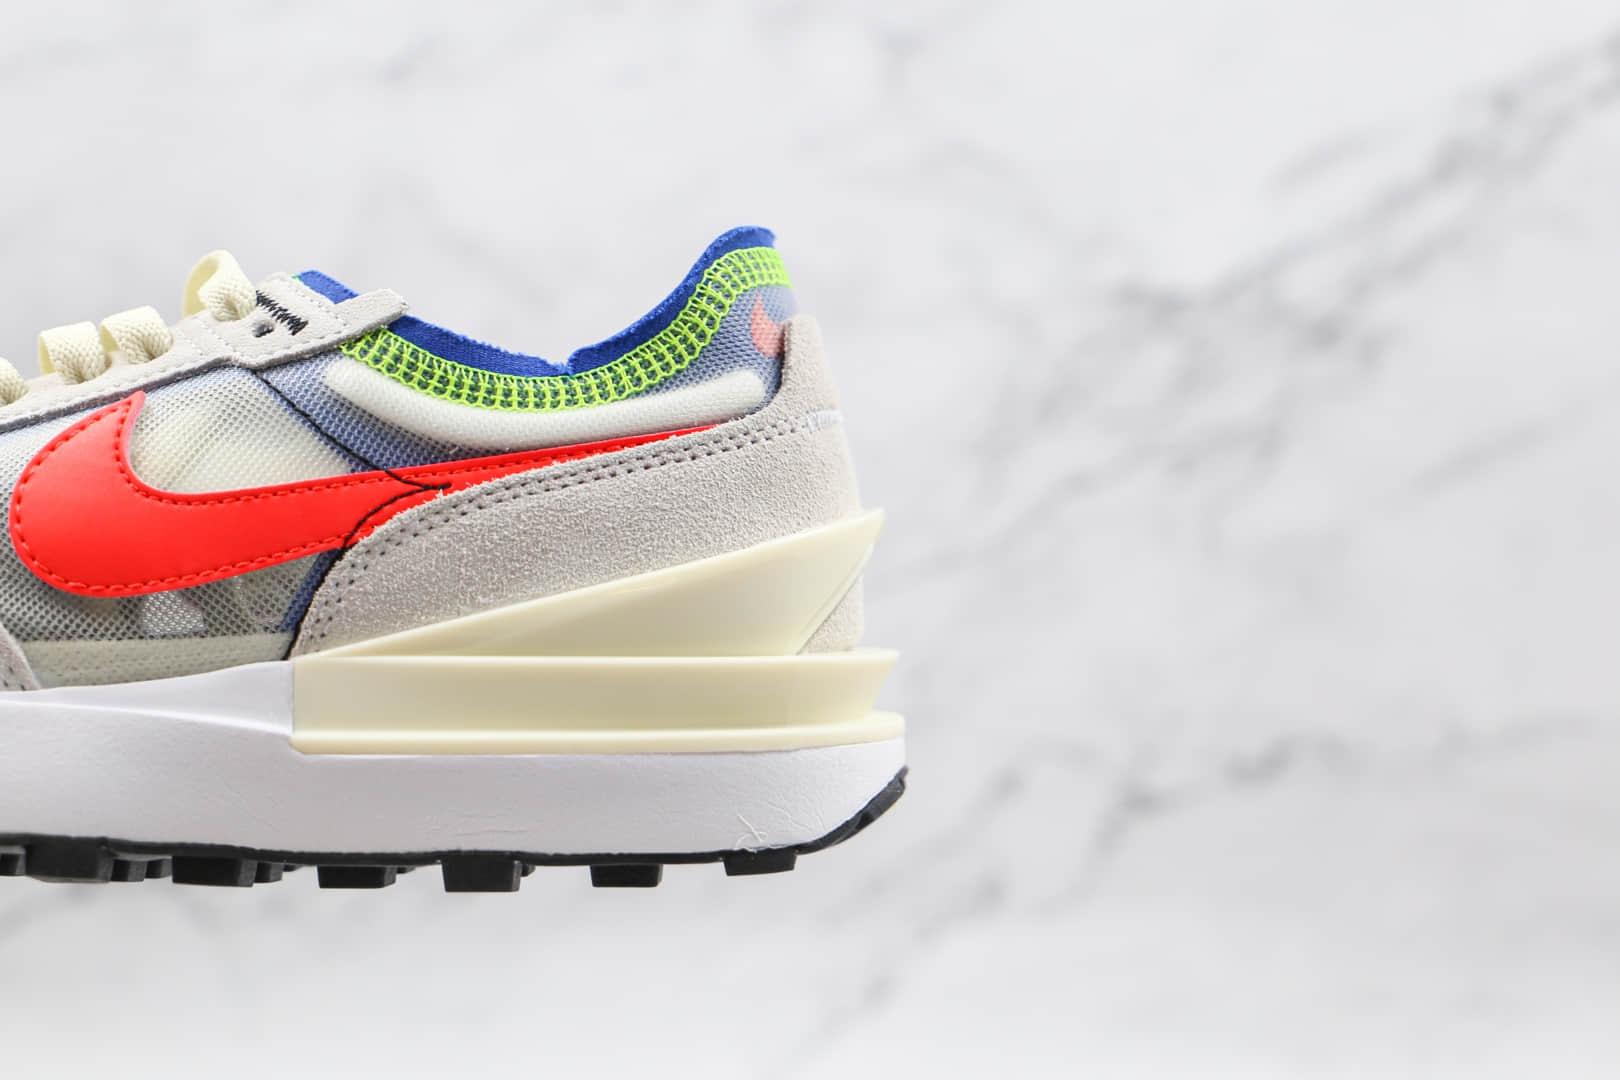 耐克Nike Waffle One纯原版本华夫镂空灰粉色解构鞋原鞋开模一比一打造 货号:DA7995-101